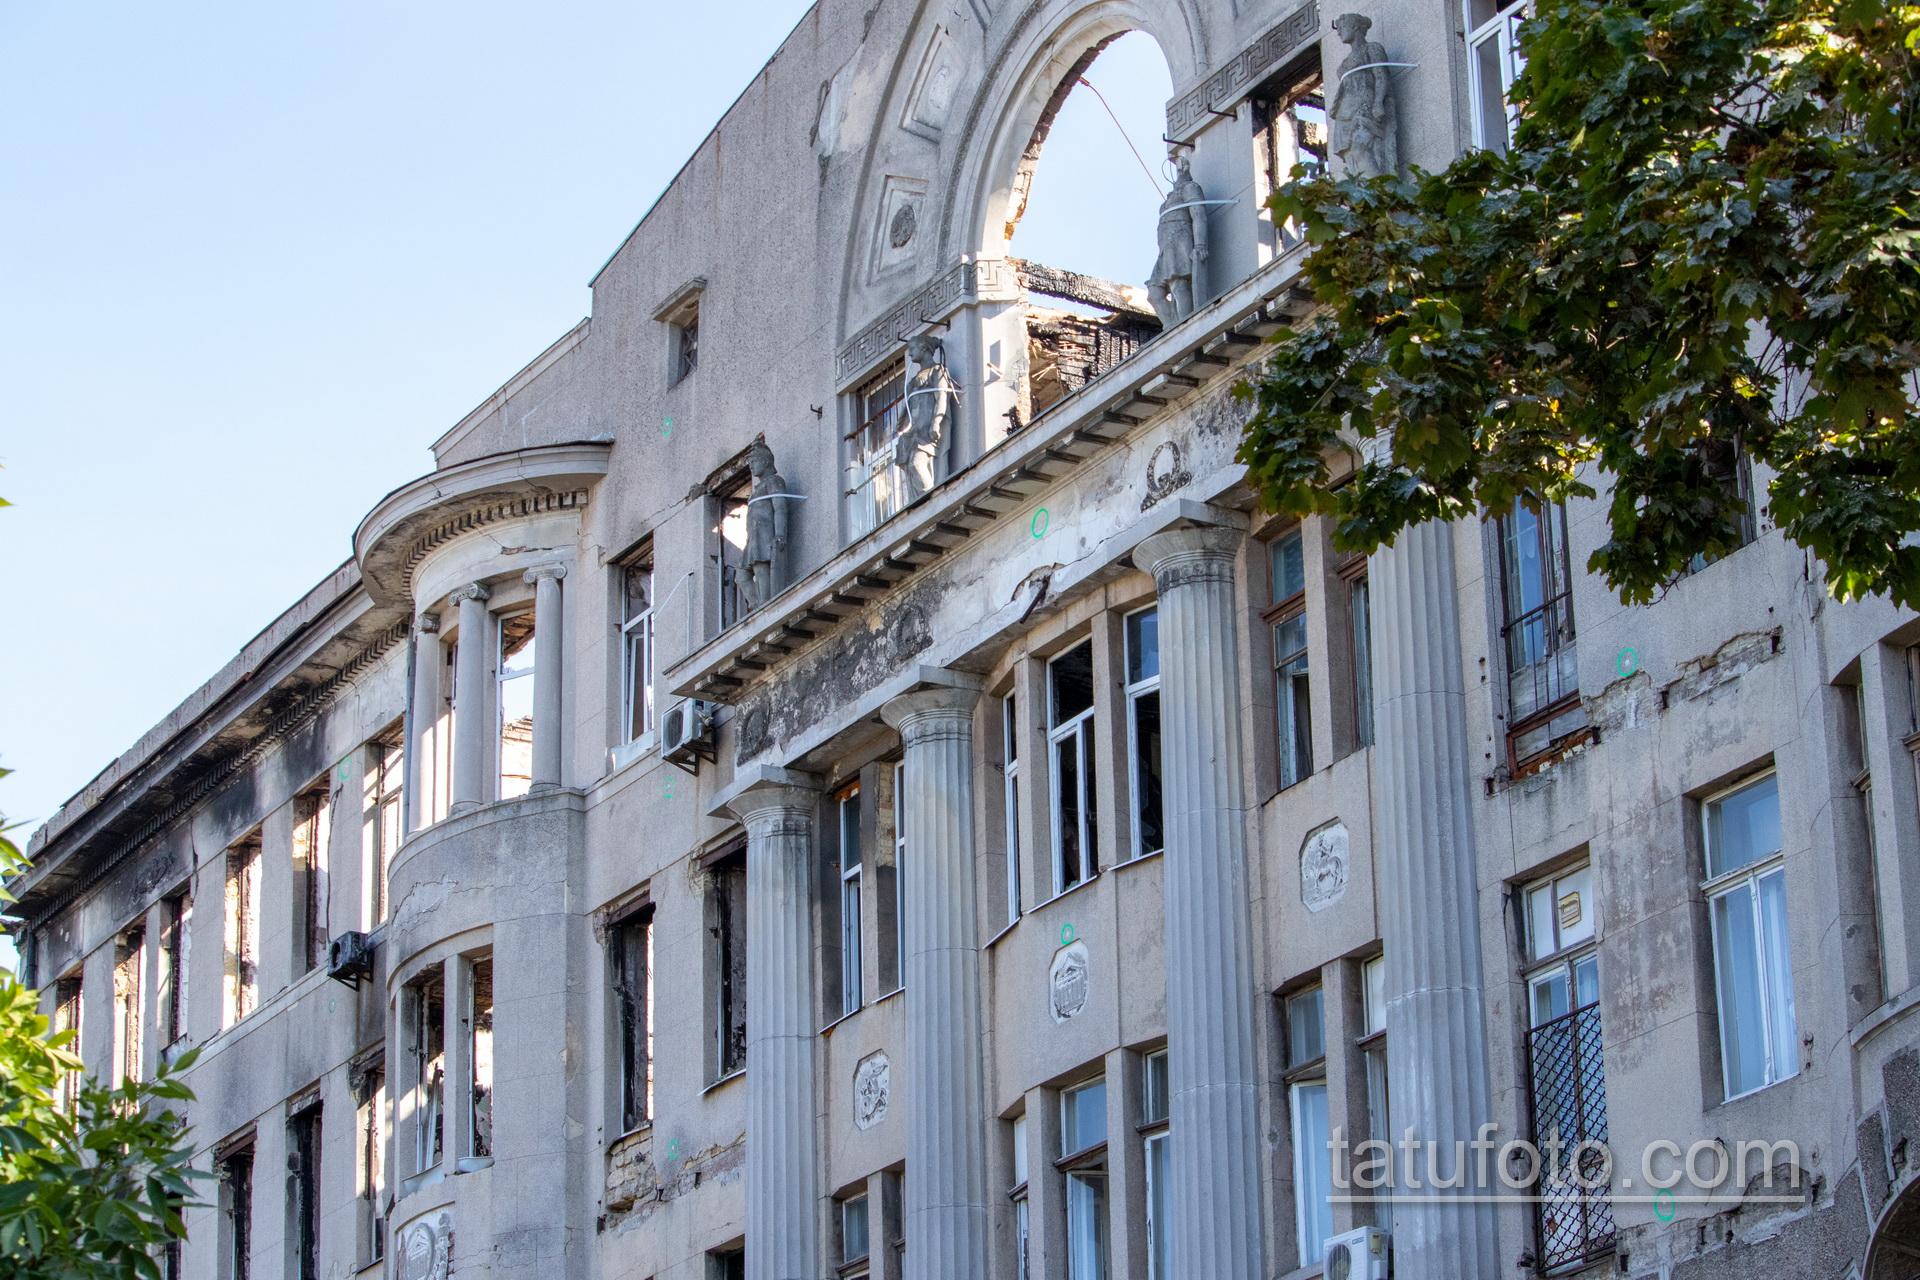 Фото фасада здания которое горело – были погибшие дети студенты - Уличная татуировка 14.09.2020 – tatufoto.com 1